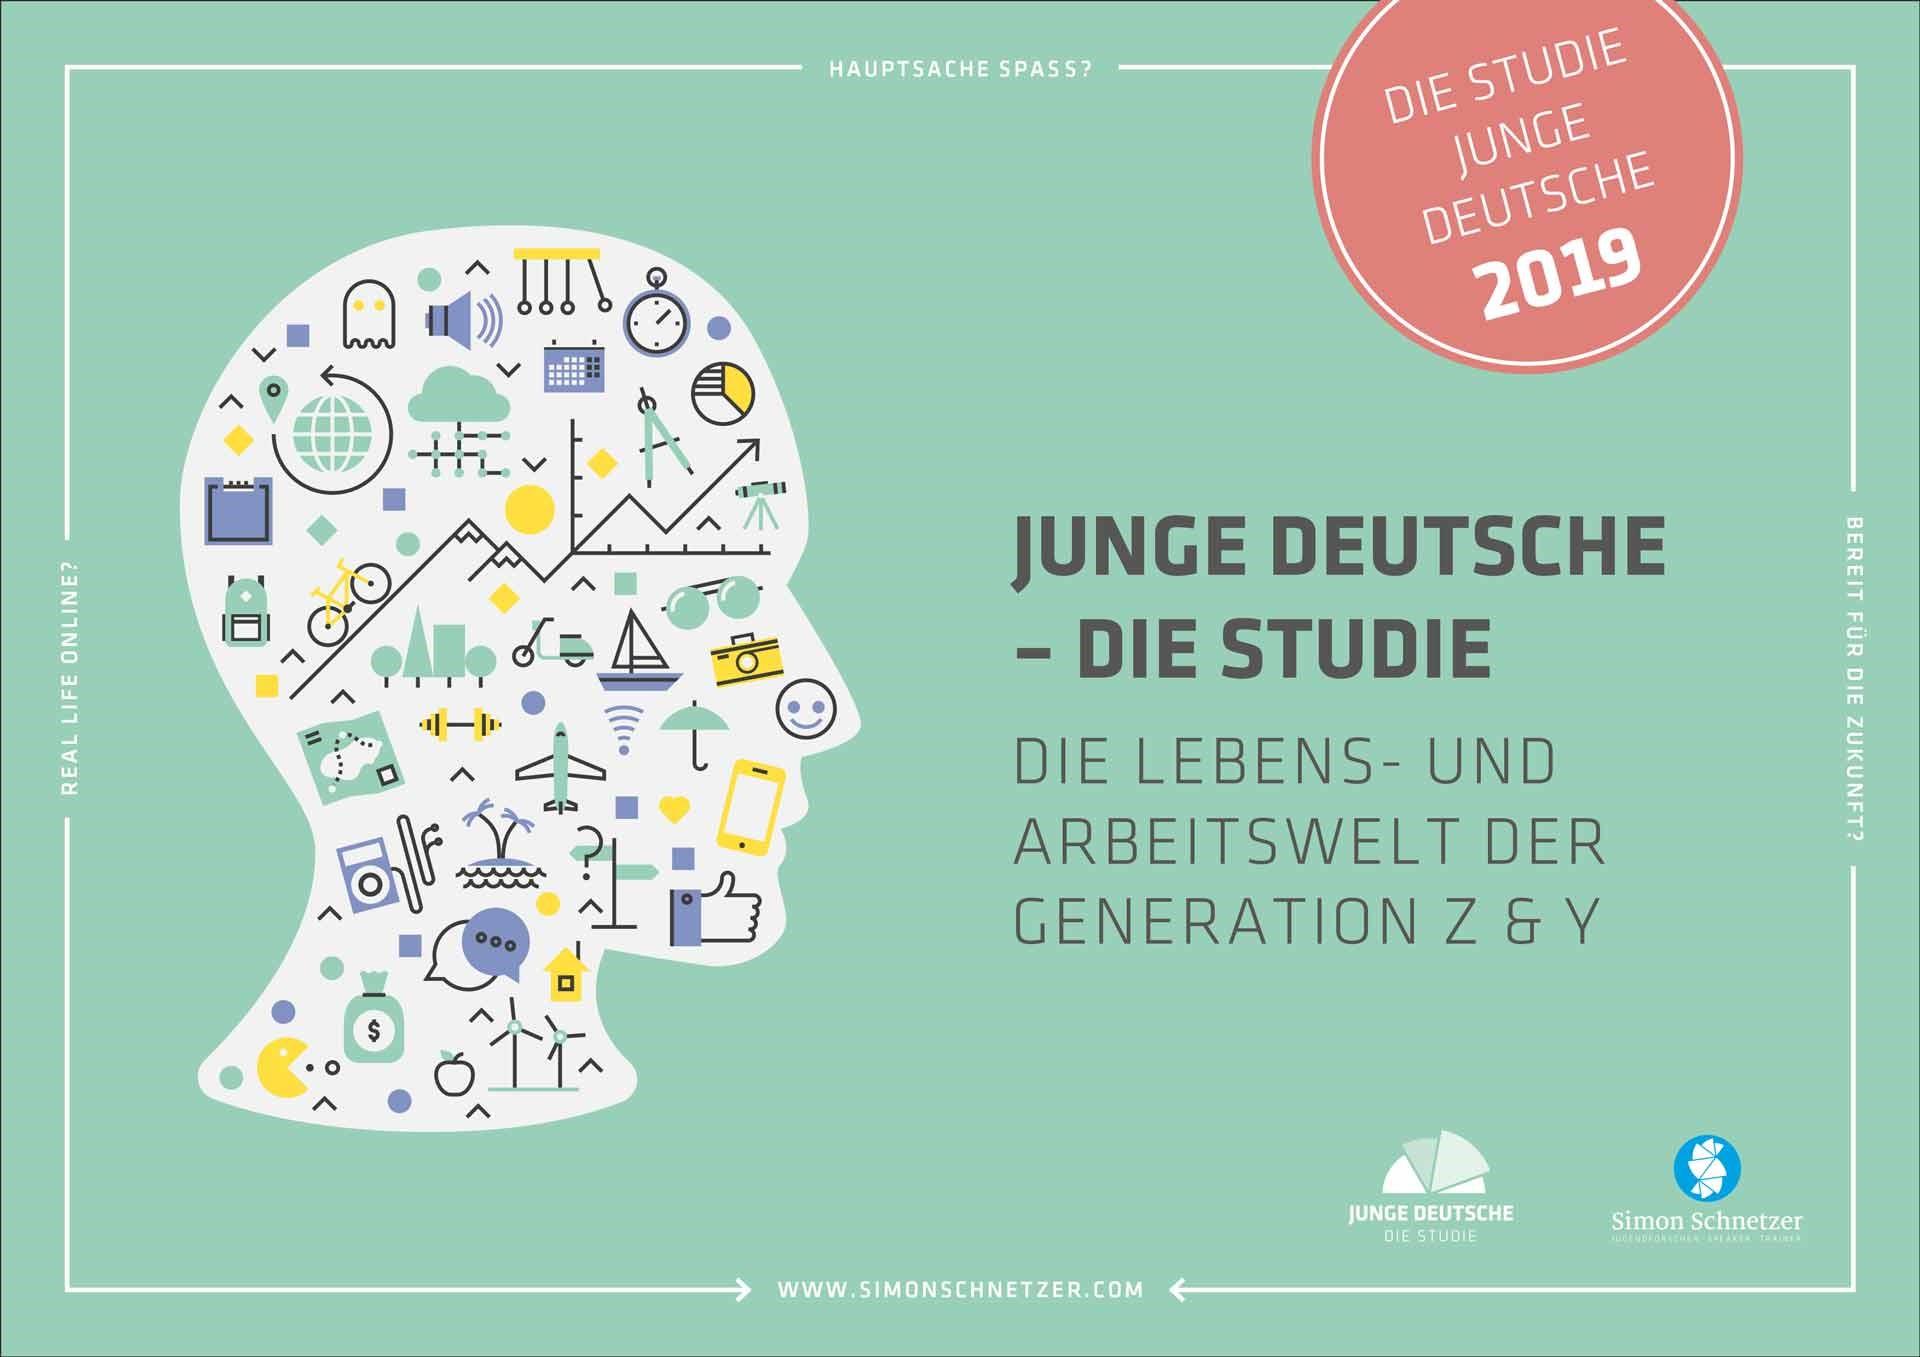 Expert Marketplace -  Simon Schnetzer - Junge Deutsche 2019 - Die Studie